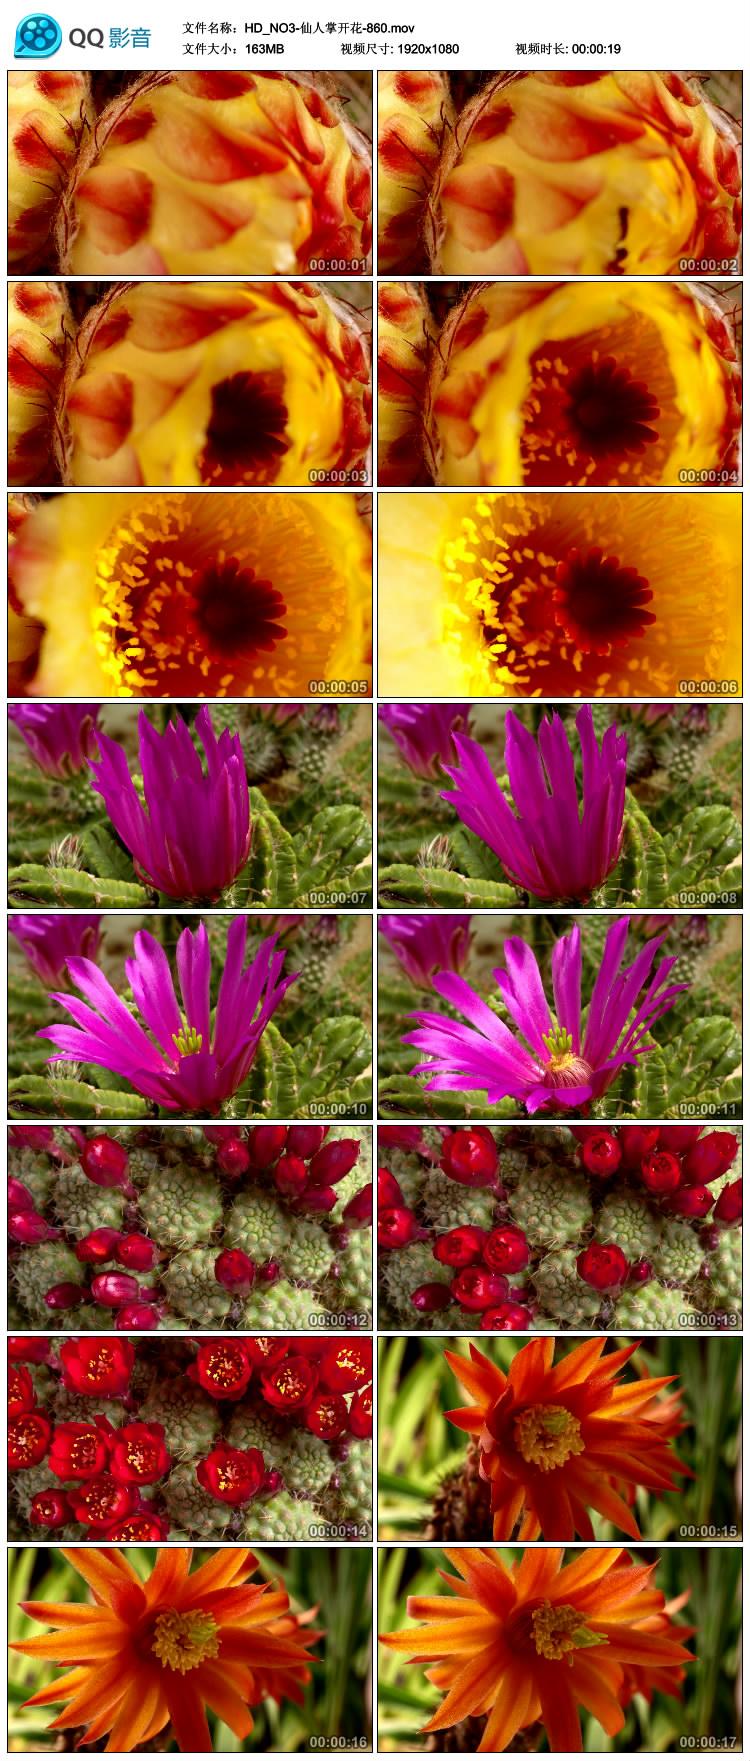 仙人掌开花 花朵开放快速生长 高清实拍视频素材